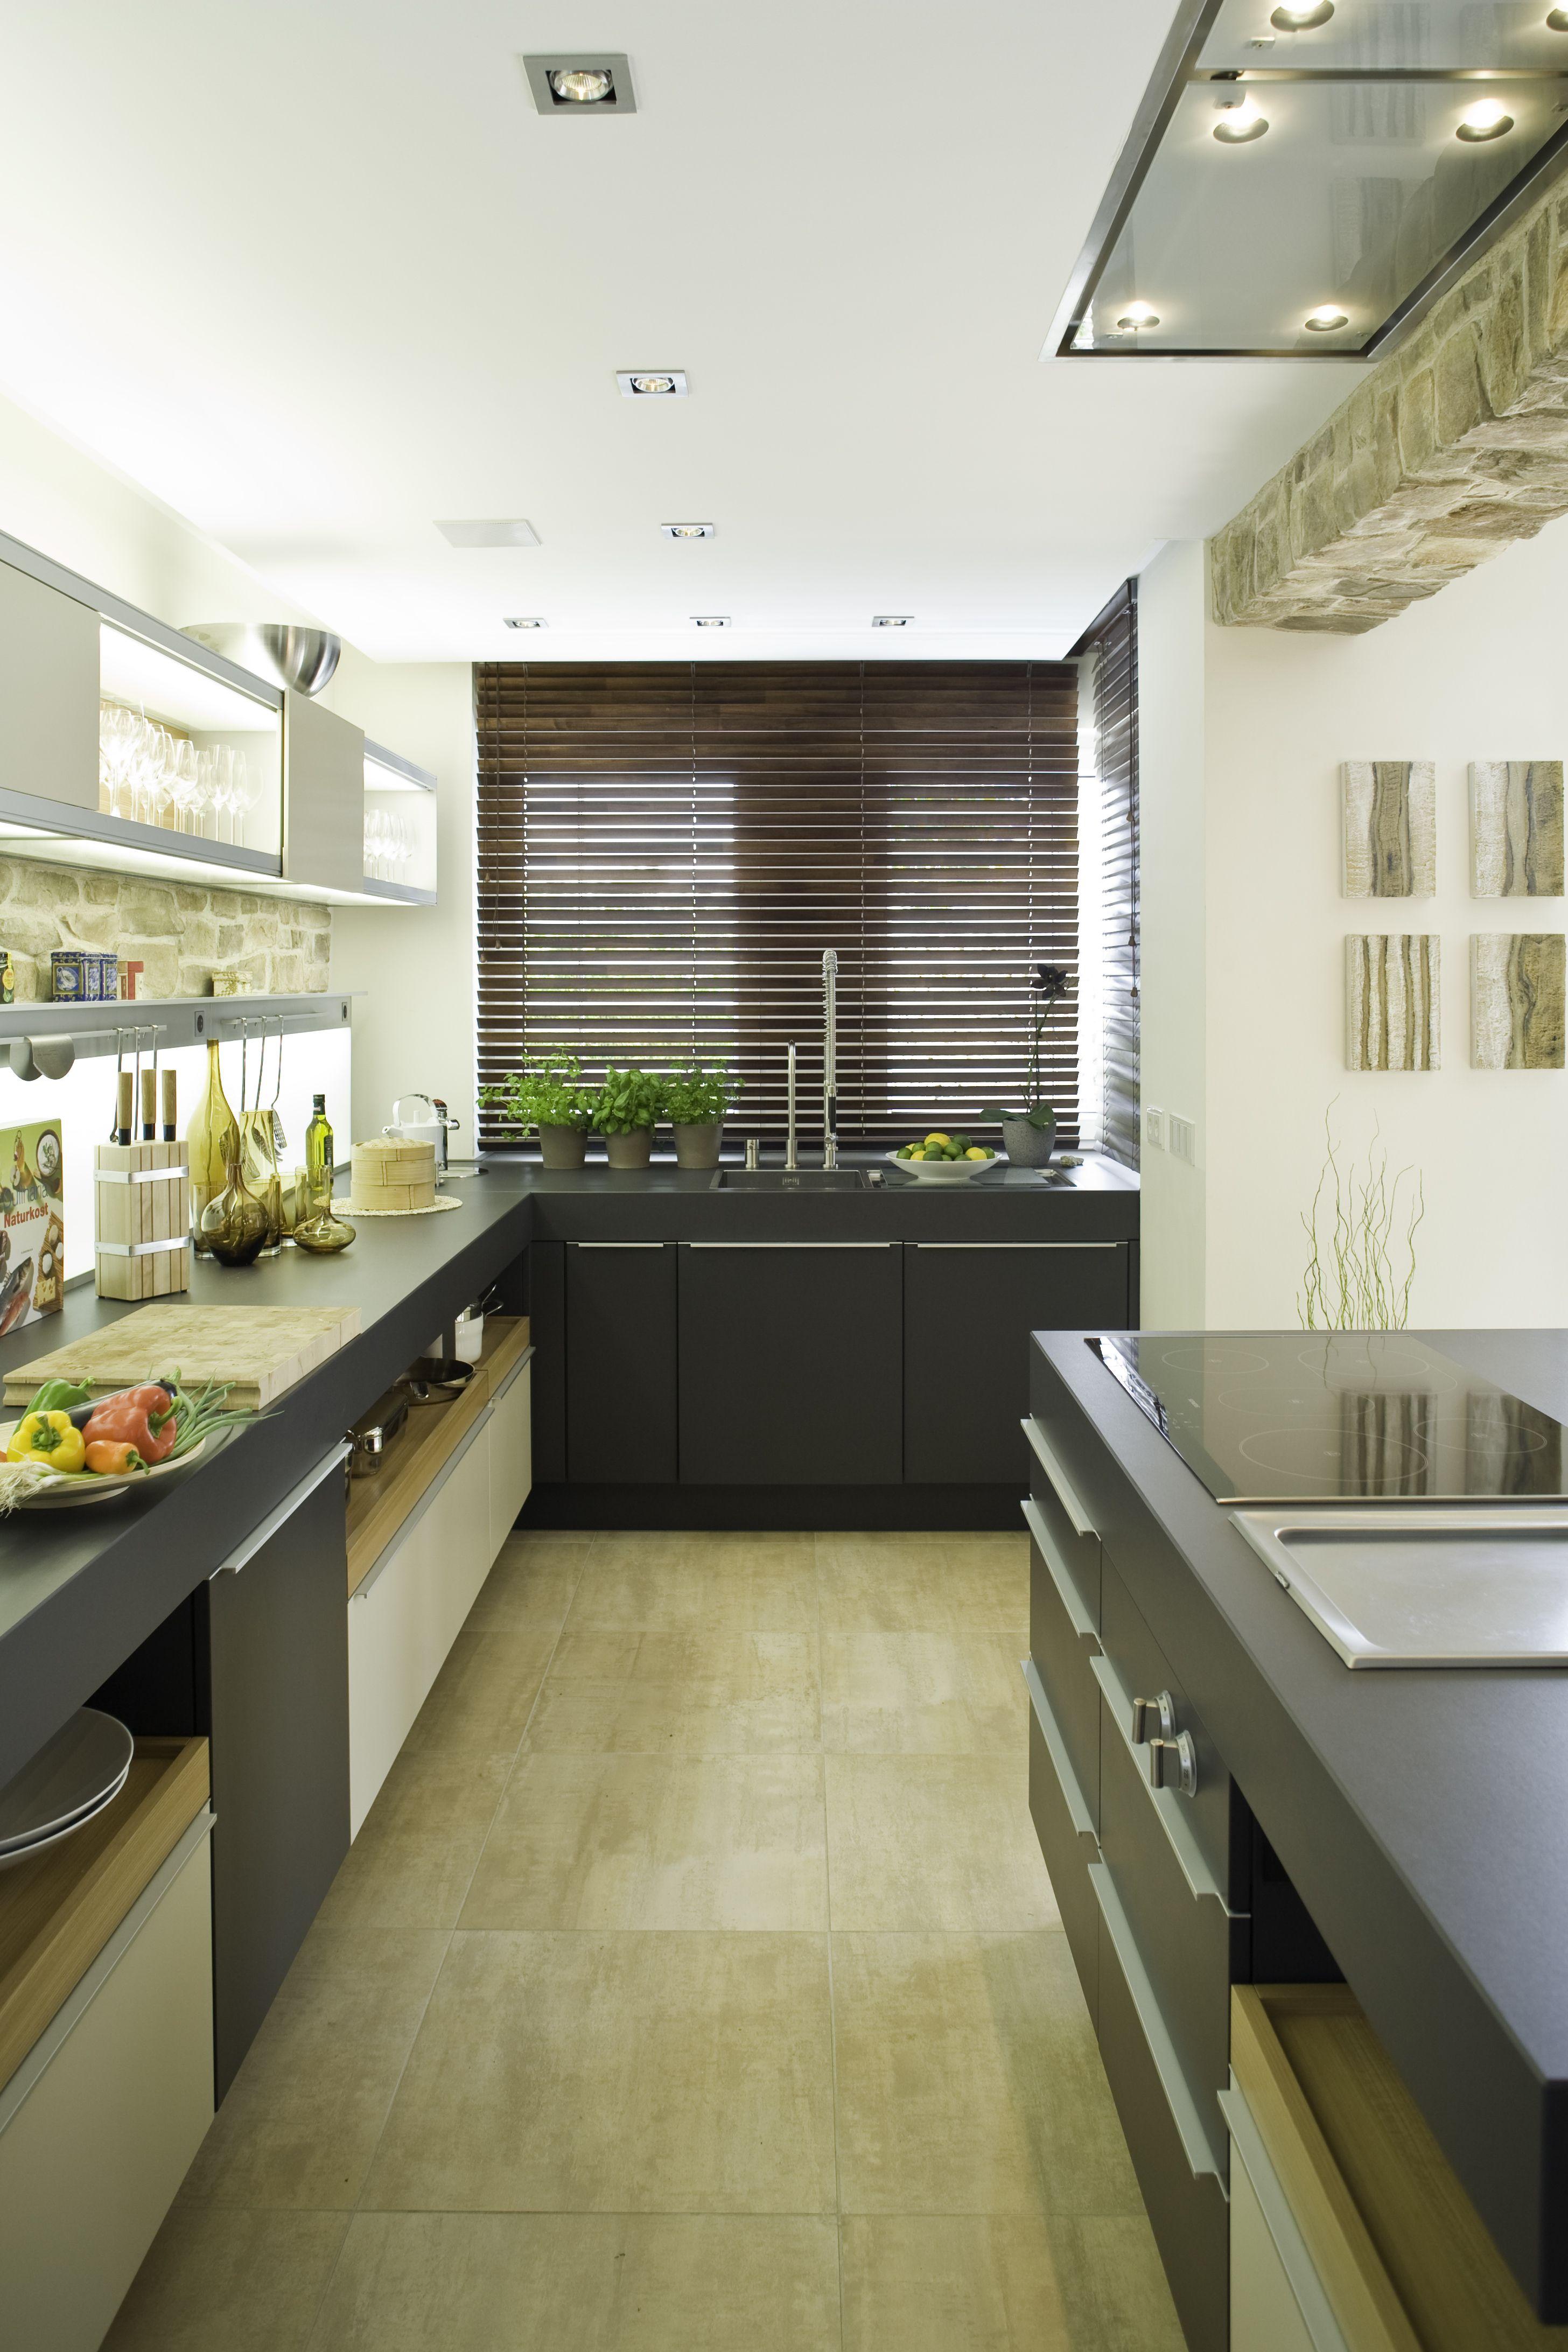 Porzellankeramik für die Küche   Küchen Design   Pinterest